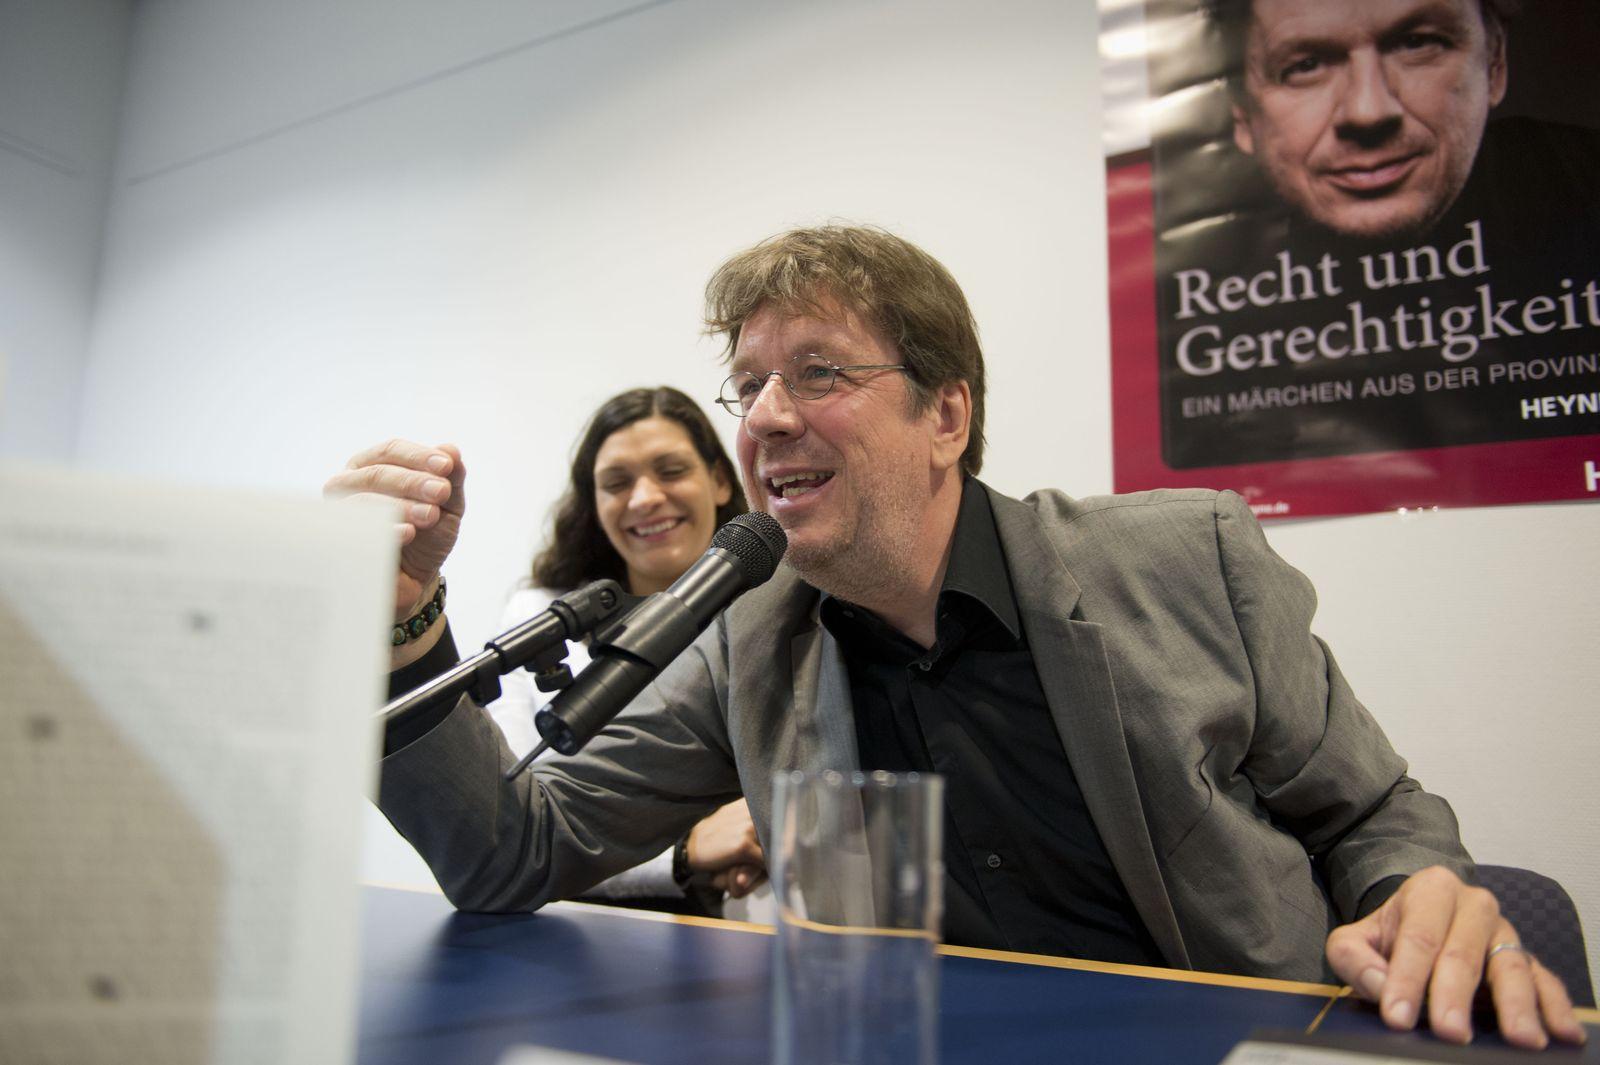 NICHT VERWENDEN Kachelmann/ Buchmesse